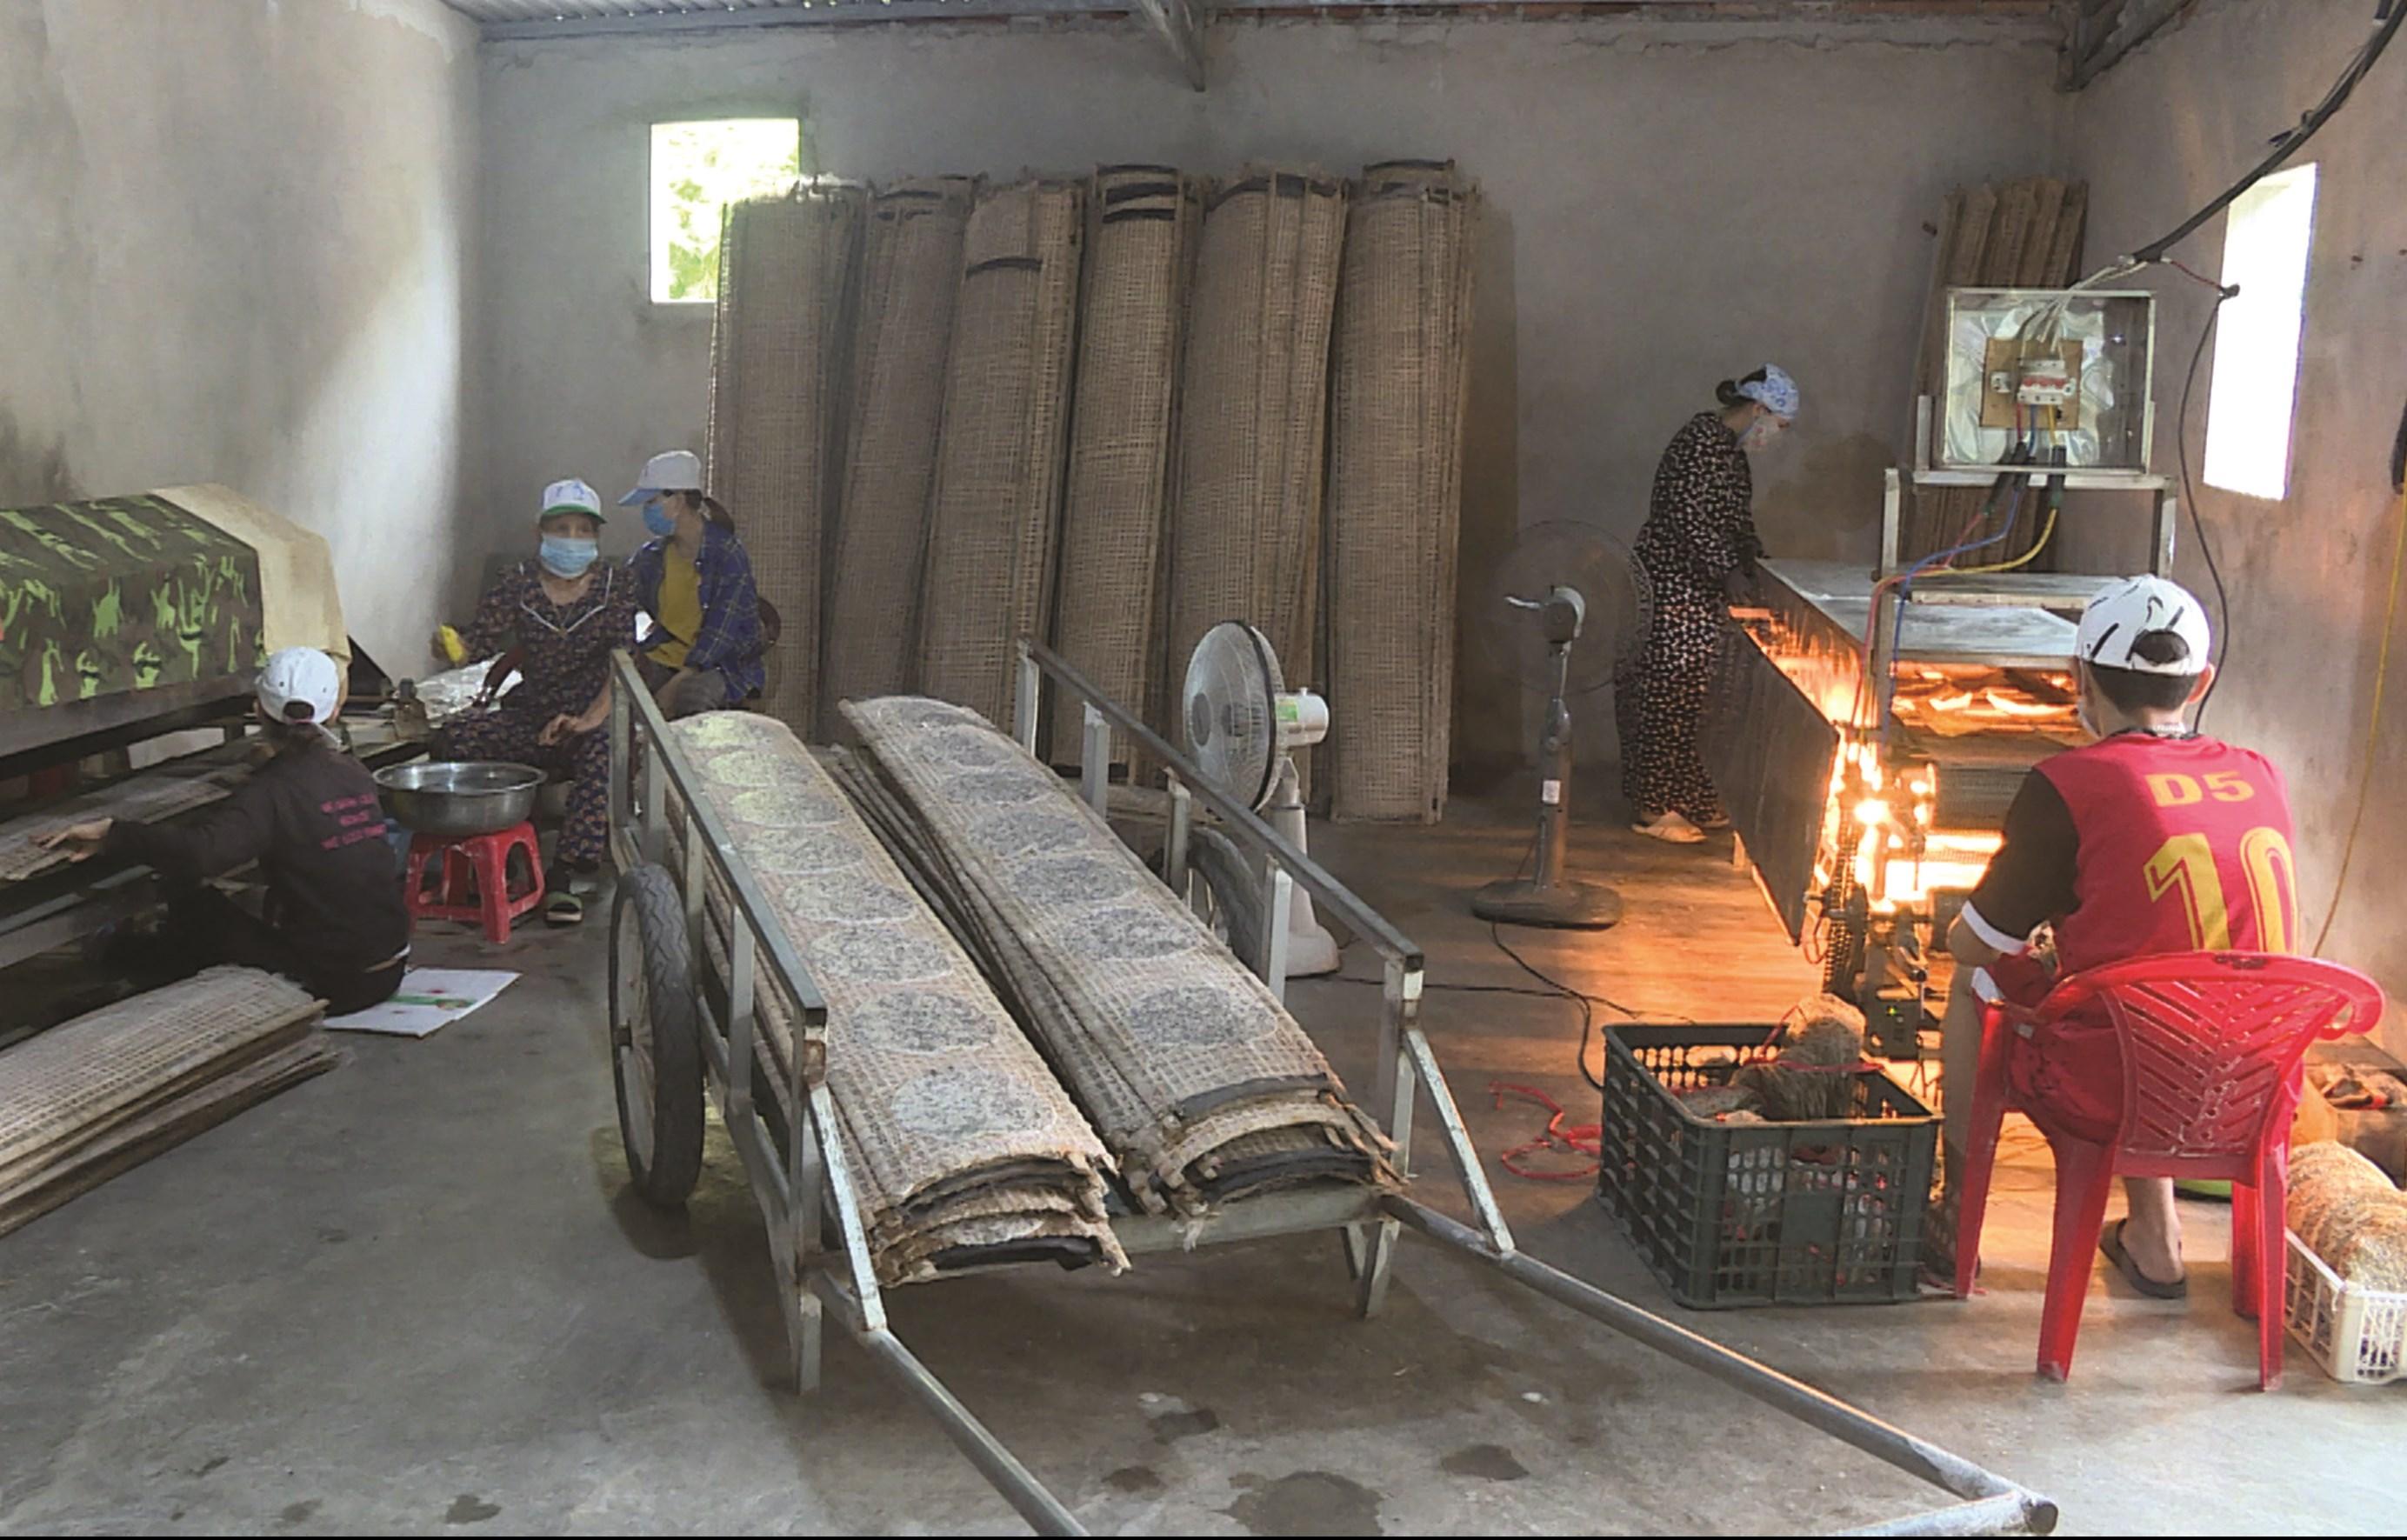 Cơ sở sản xuất bánh tráng Ánh - Tuất mỗi ngày cho ra lò từ 4.000-4.500 bánh tráng thành phẩm